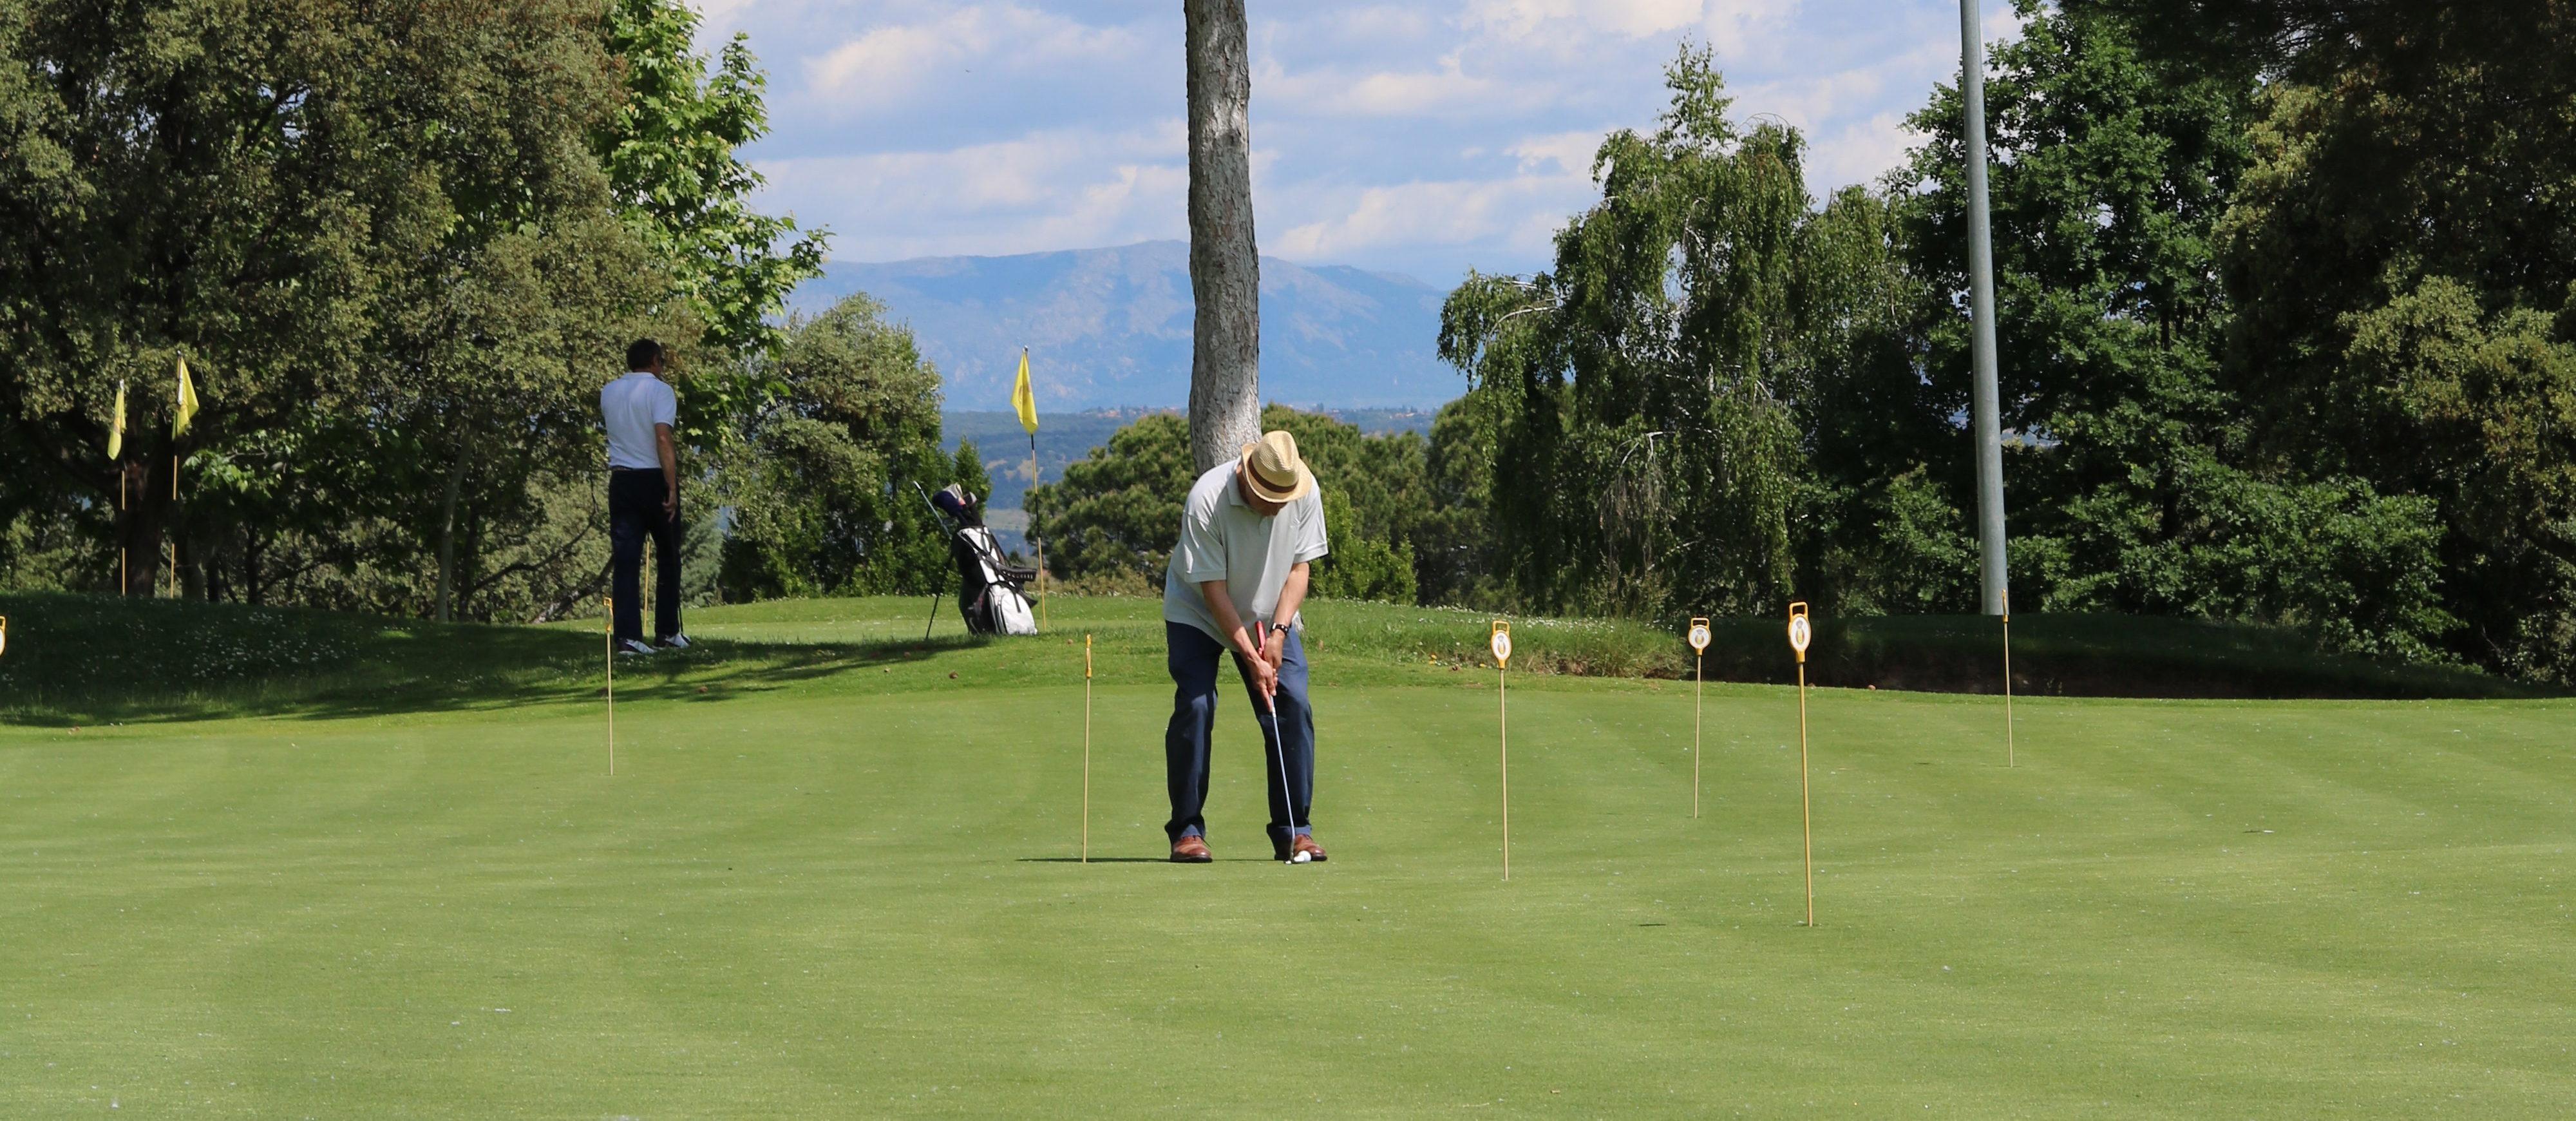 II Torneo de Golf Benéfico Helpify